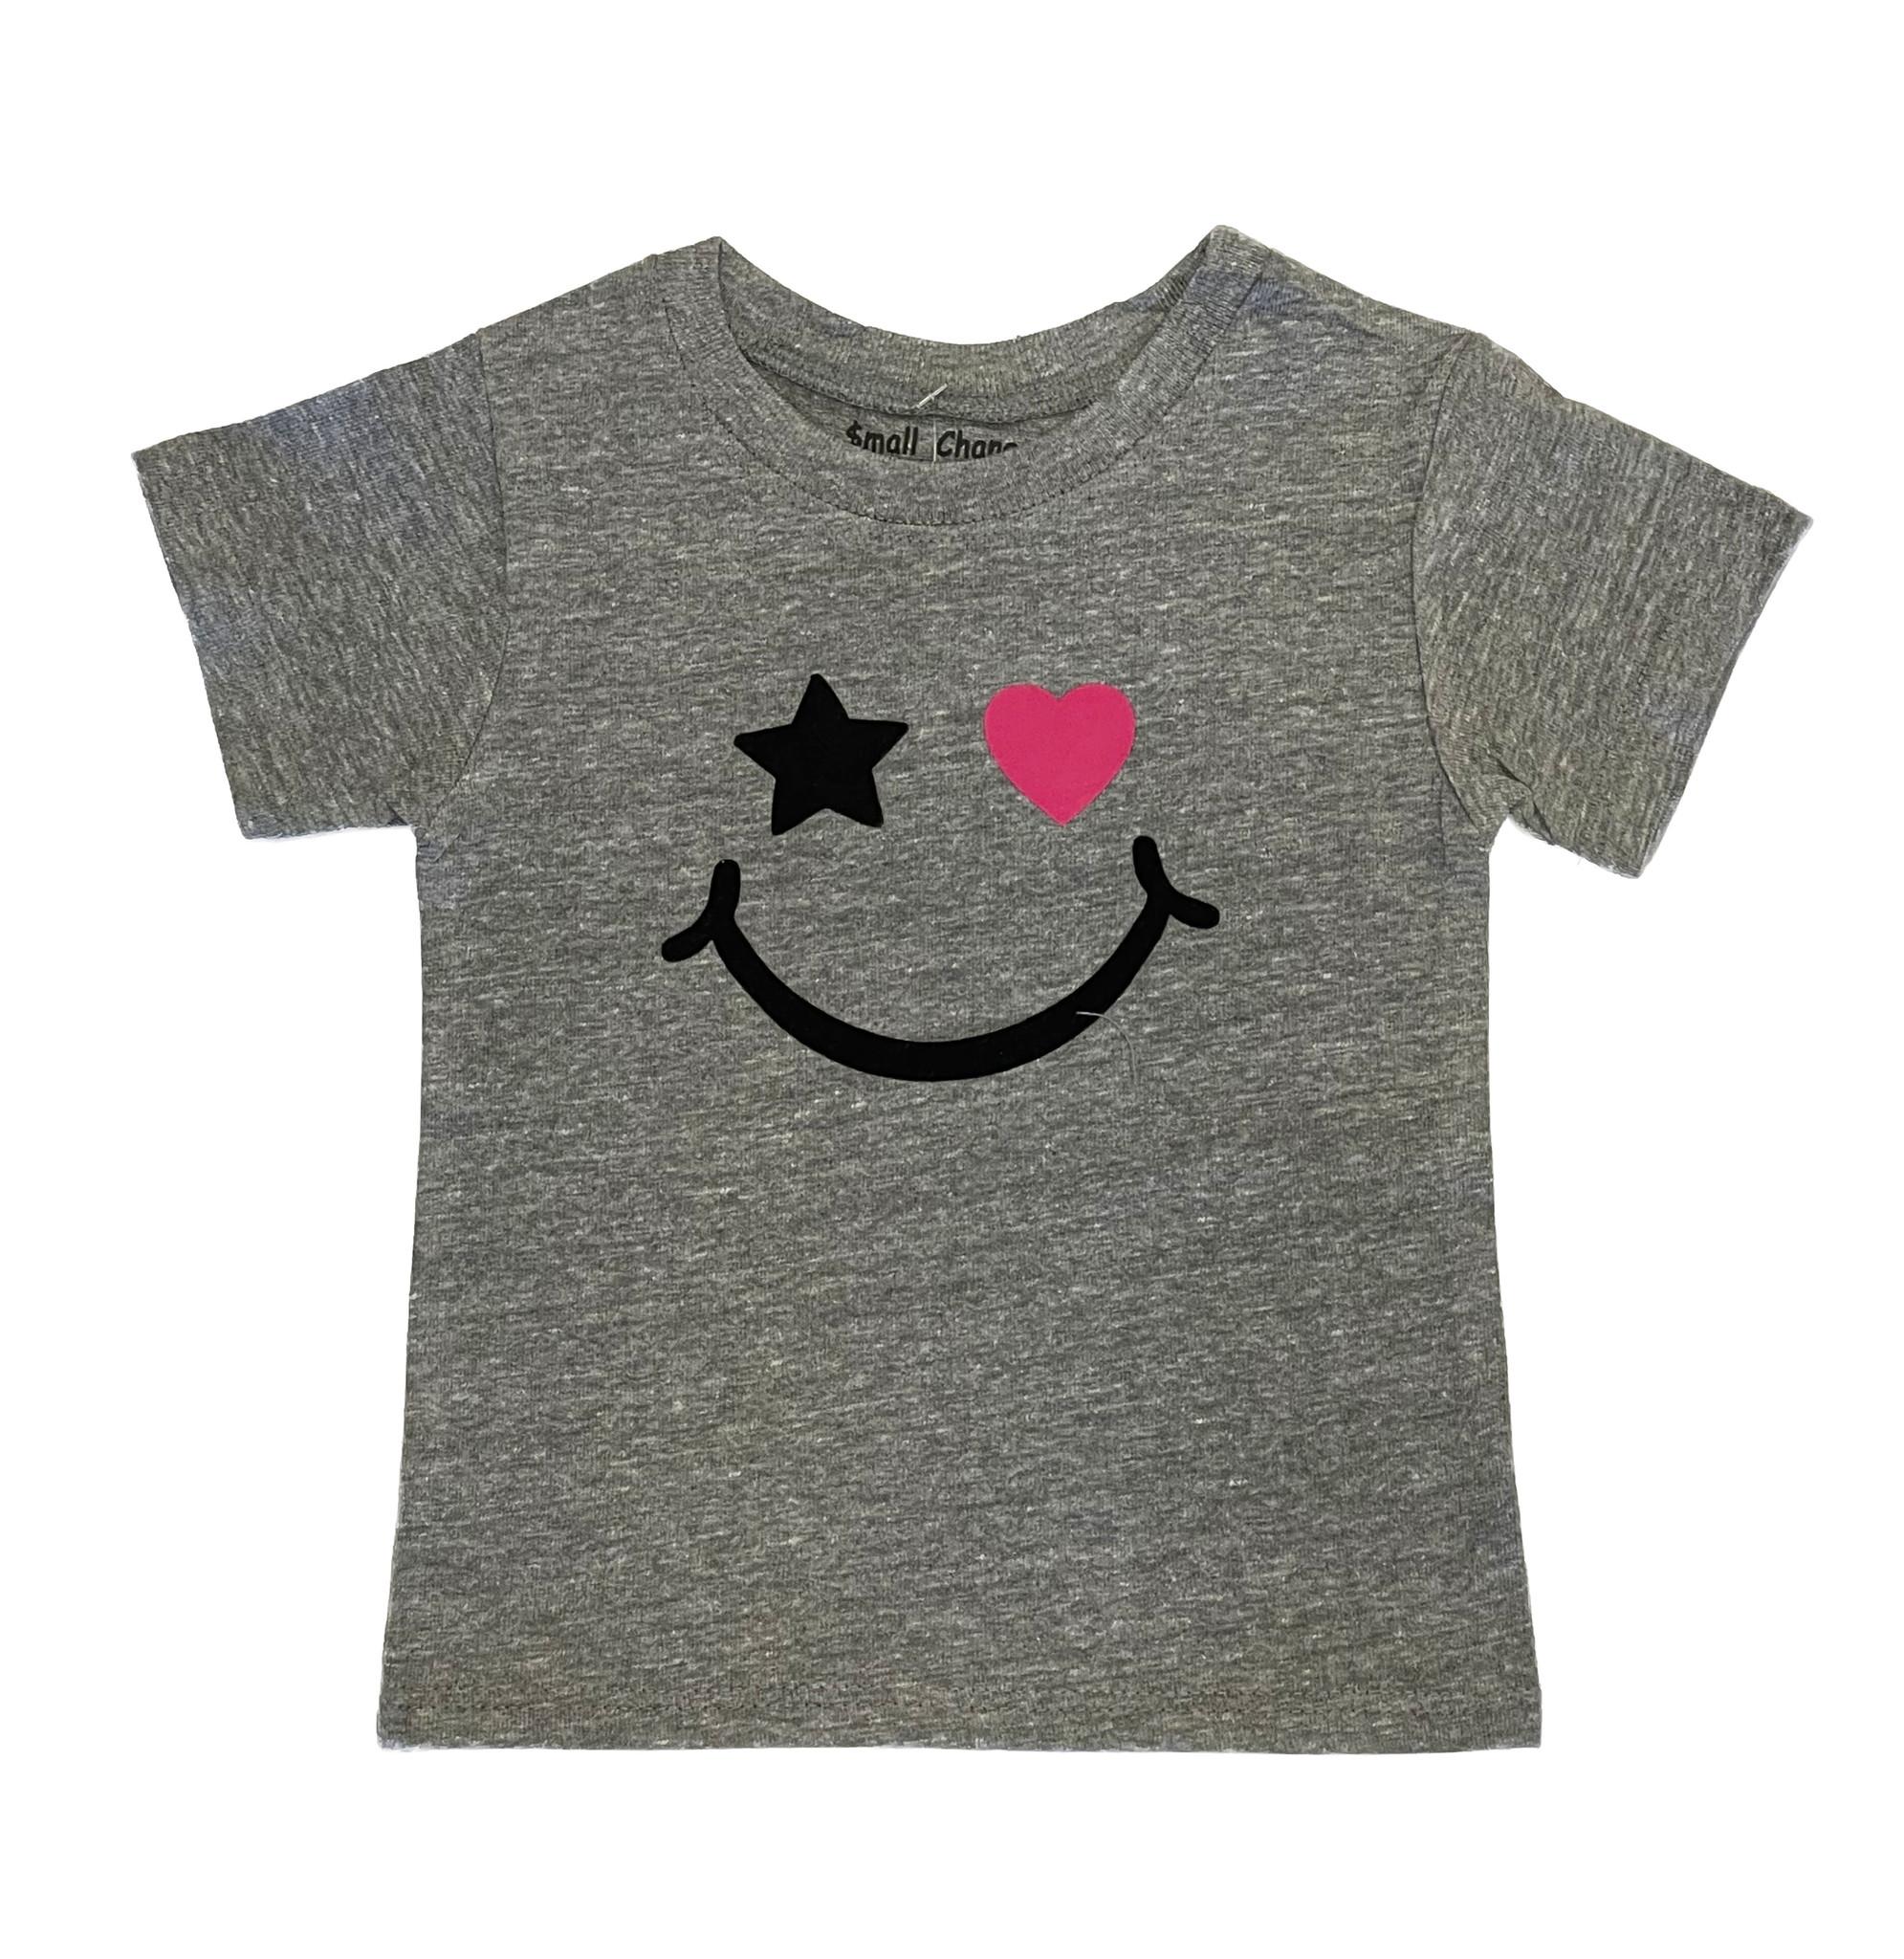 Small Change Grey Smiley Heart Tee